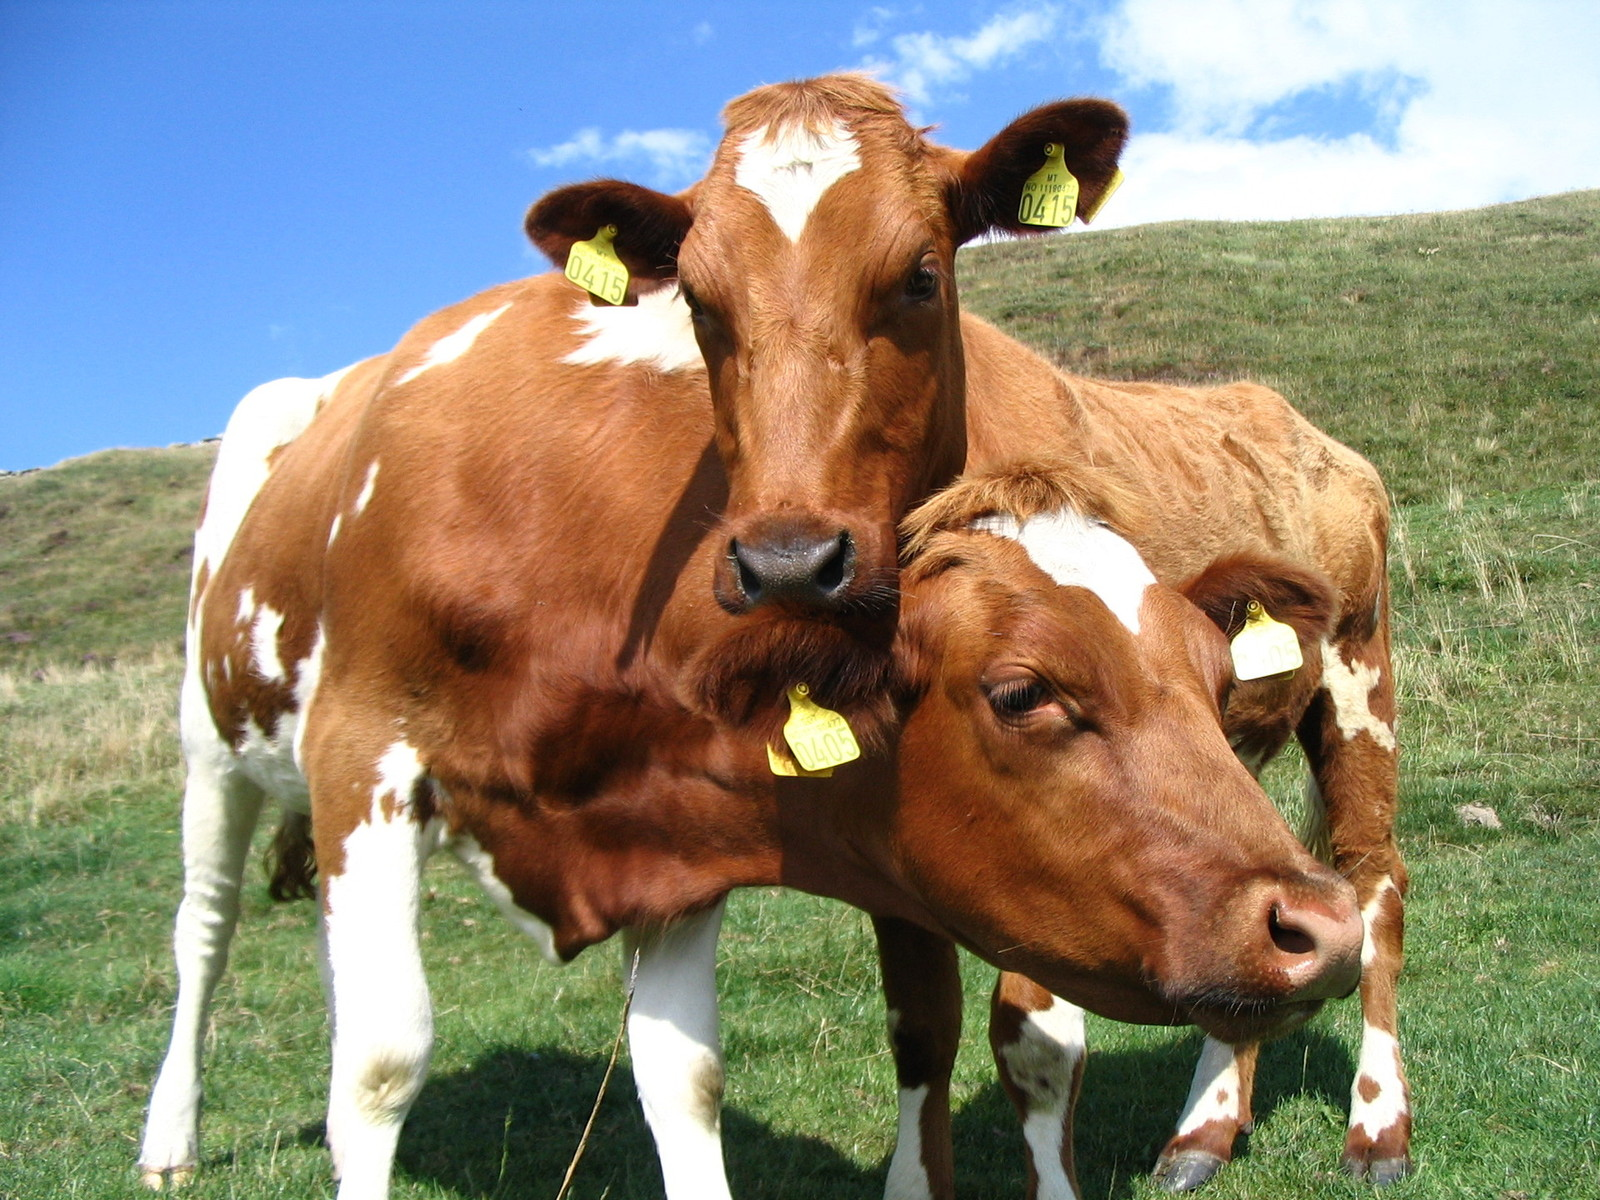 Племенные заводы и репродукторы Пермского края предлагают молодняк крупного рогатого скота